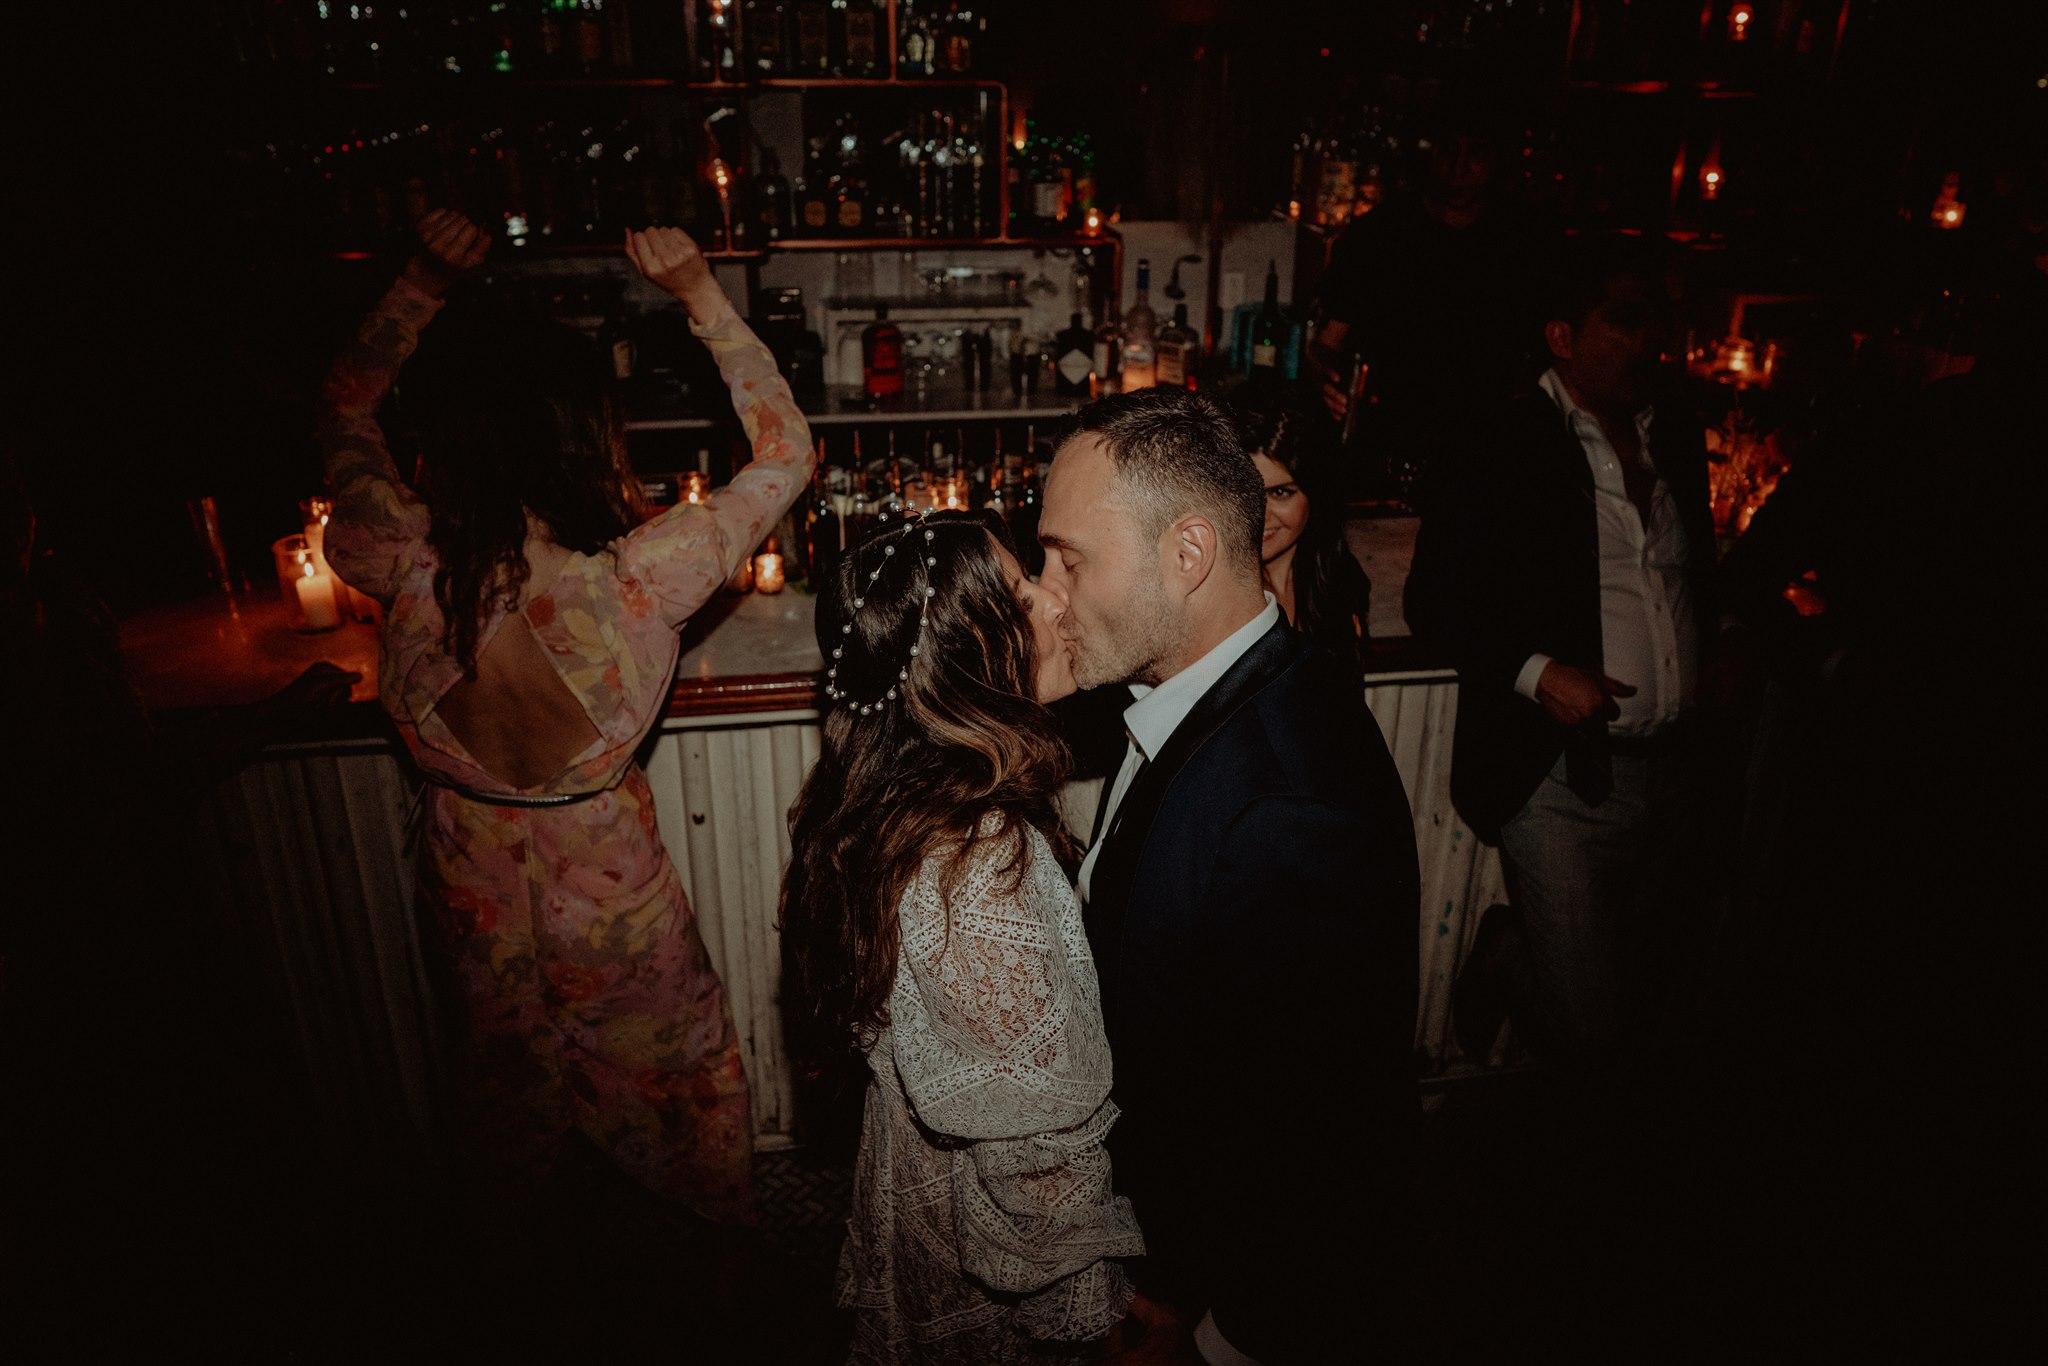 Chellise_Michael_Photography_Ramona_Brooklyn_Wedding_Photographer-870.jpg